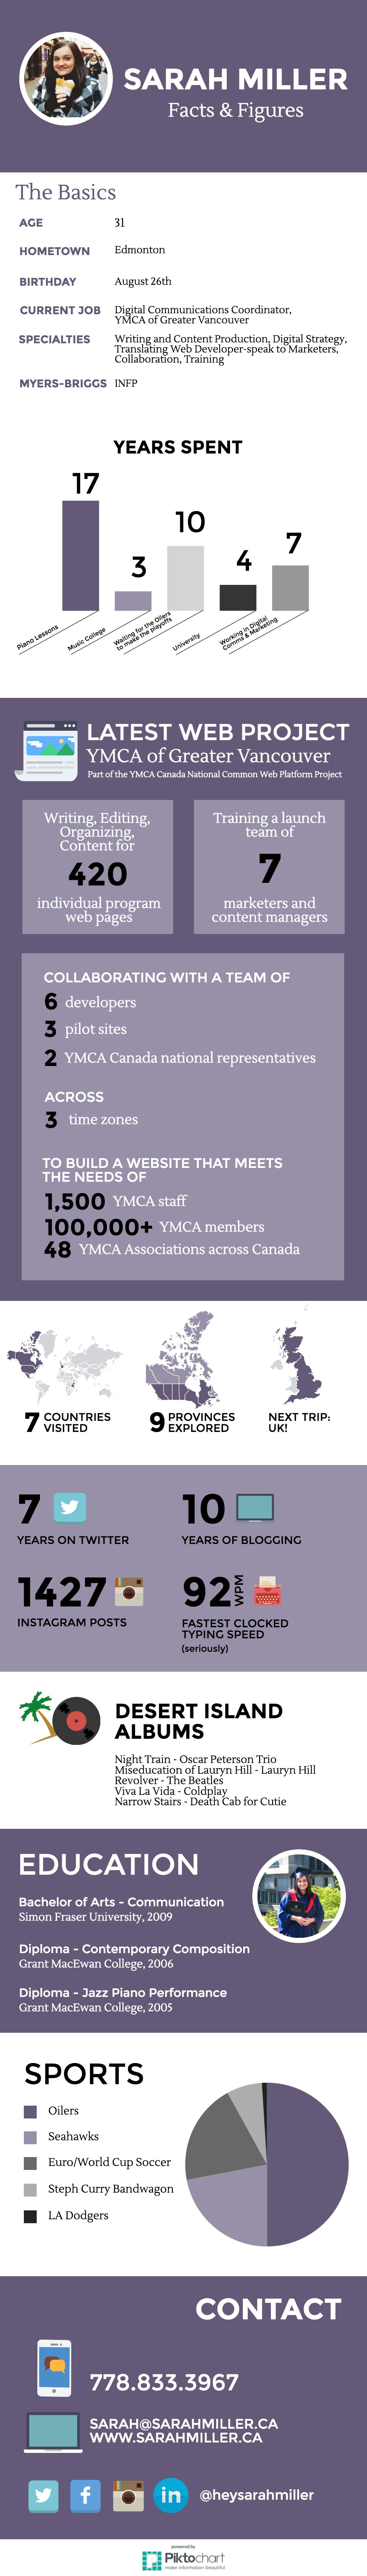 Sarah Miller Infographic